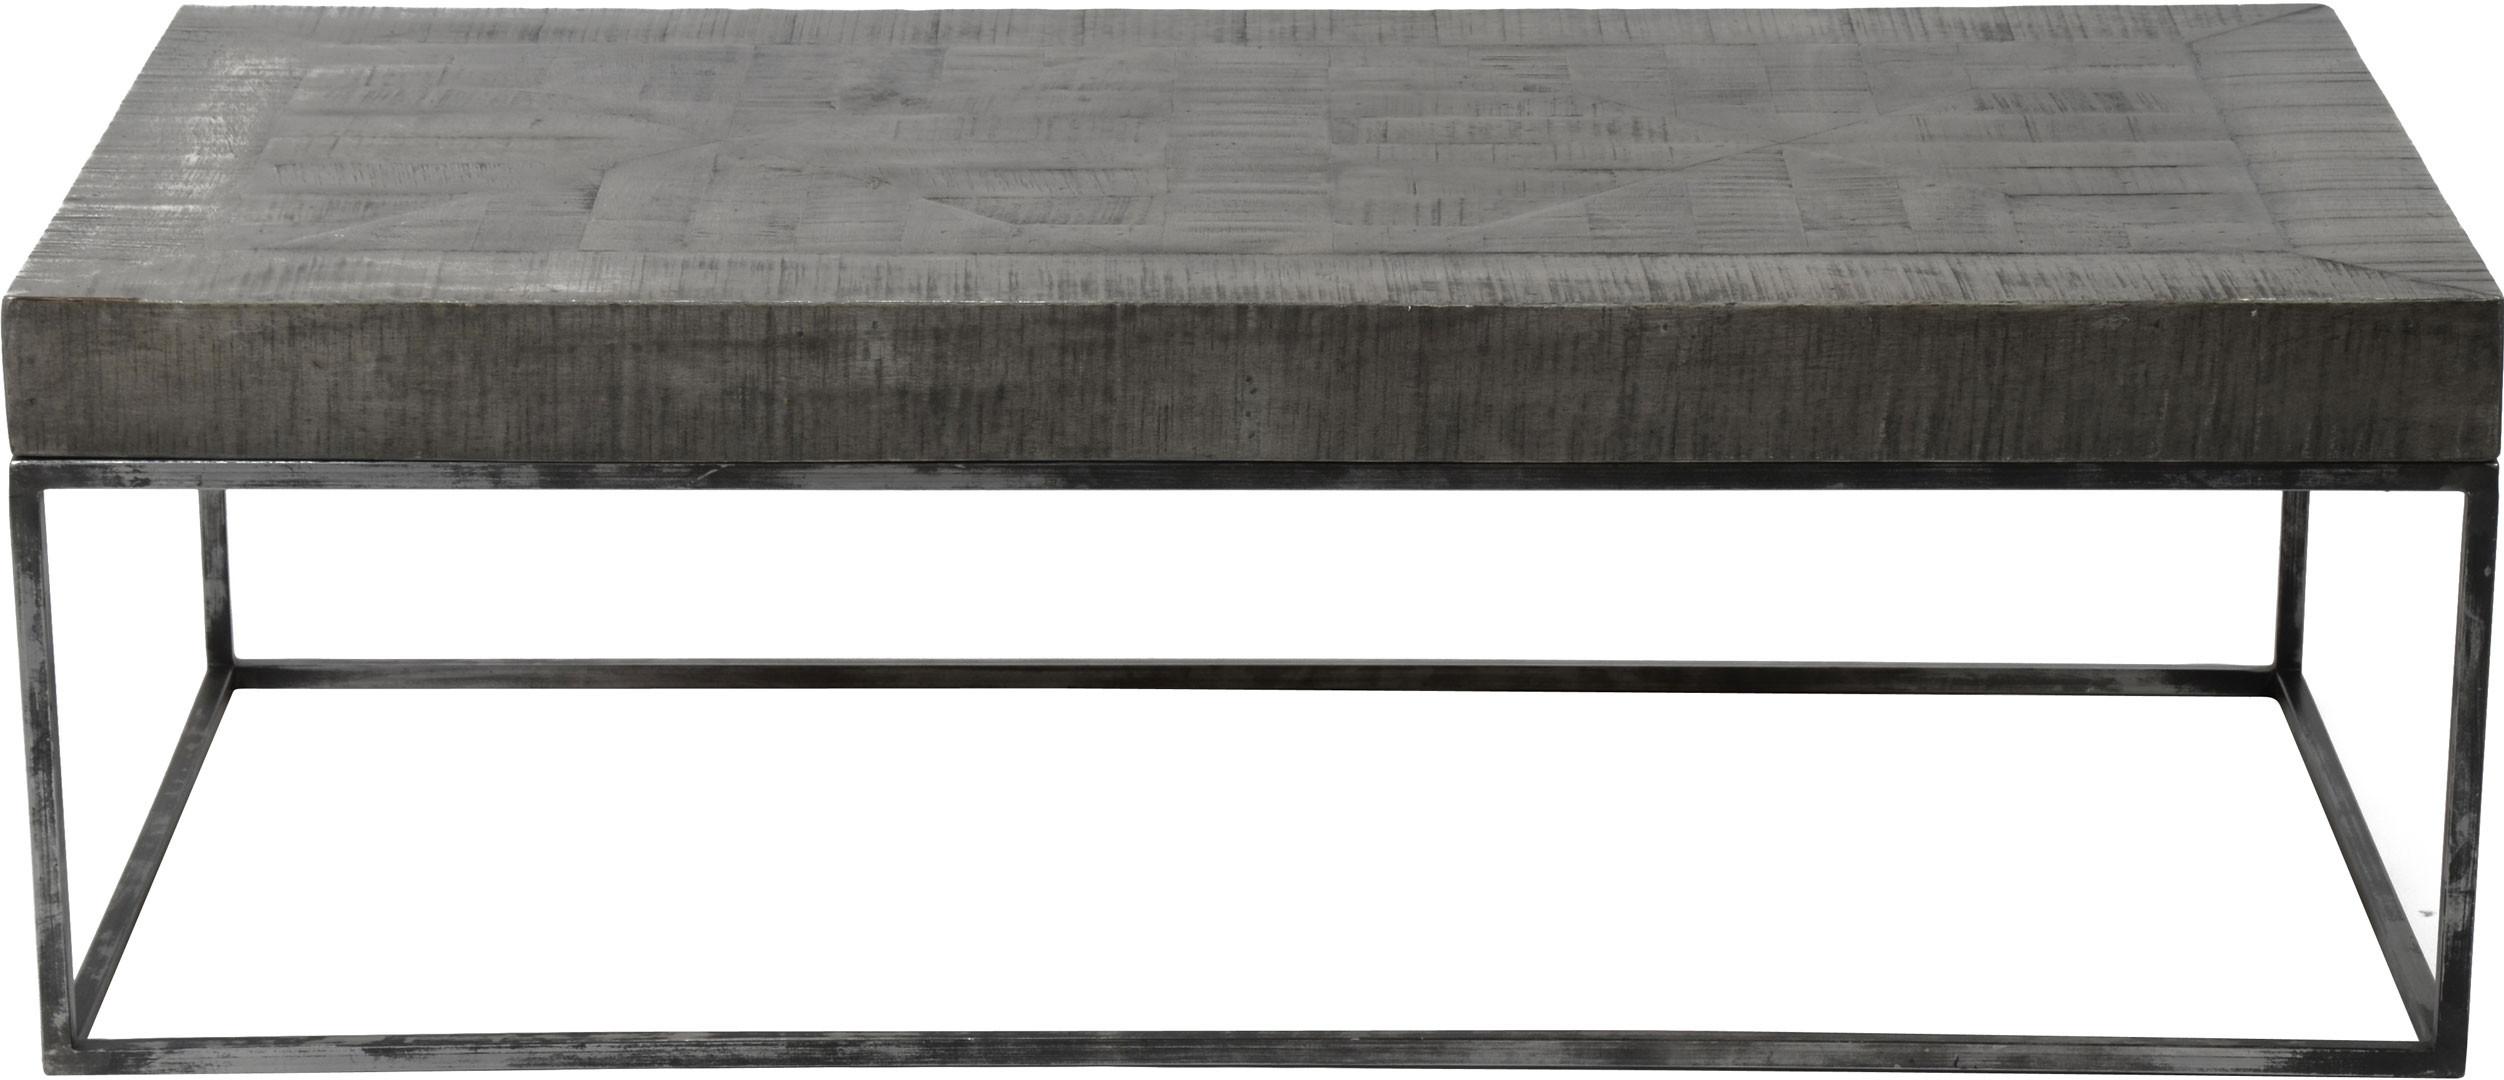 Table basse rectangulaire design en bois massif coloris gris antique Florent